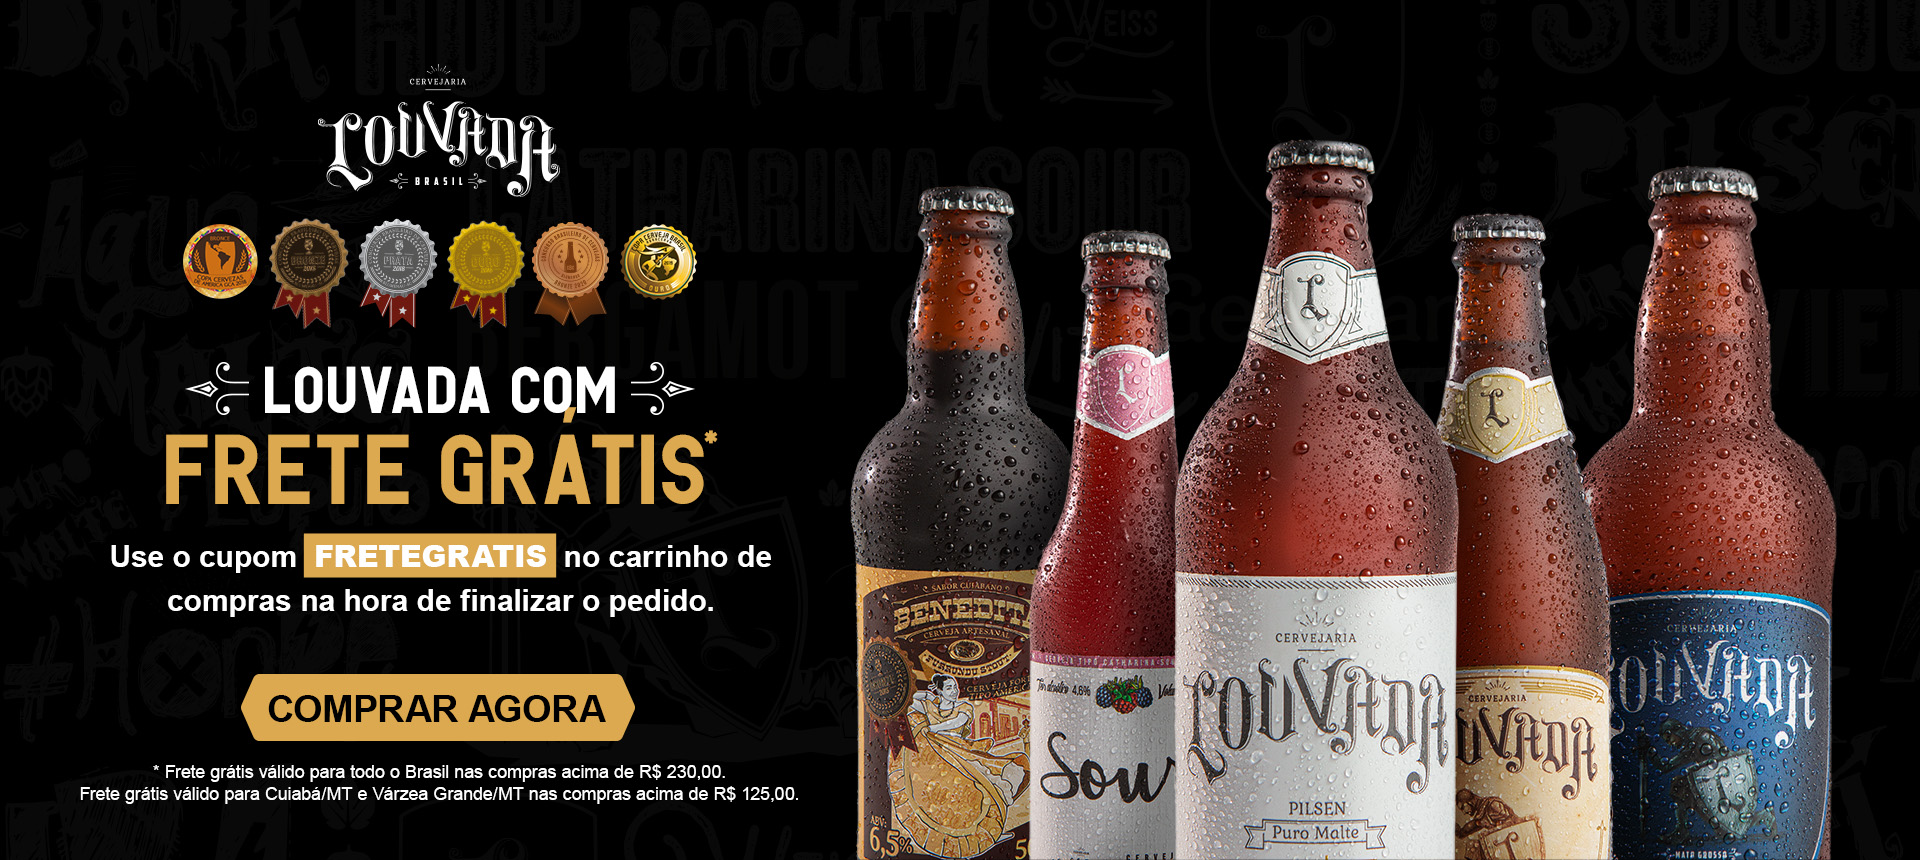 louvada-cerveja-destaque-fretegratis-desktop